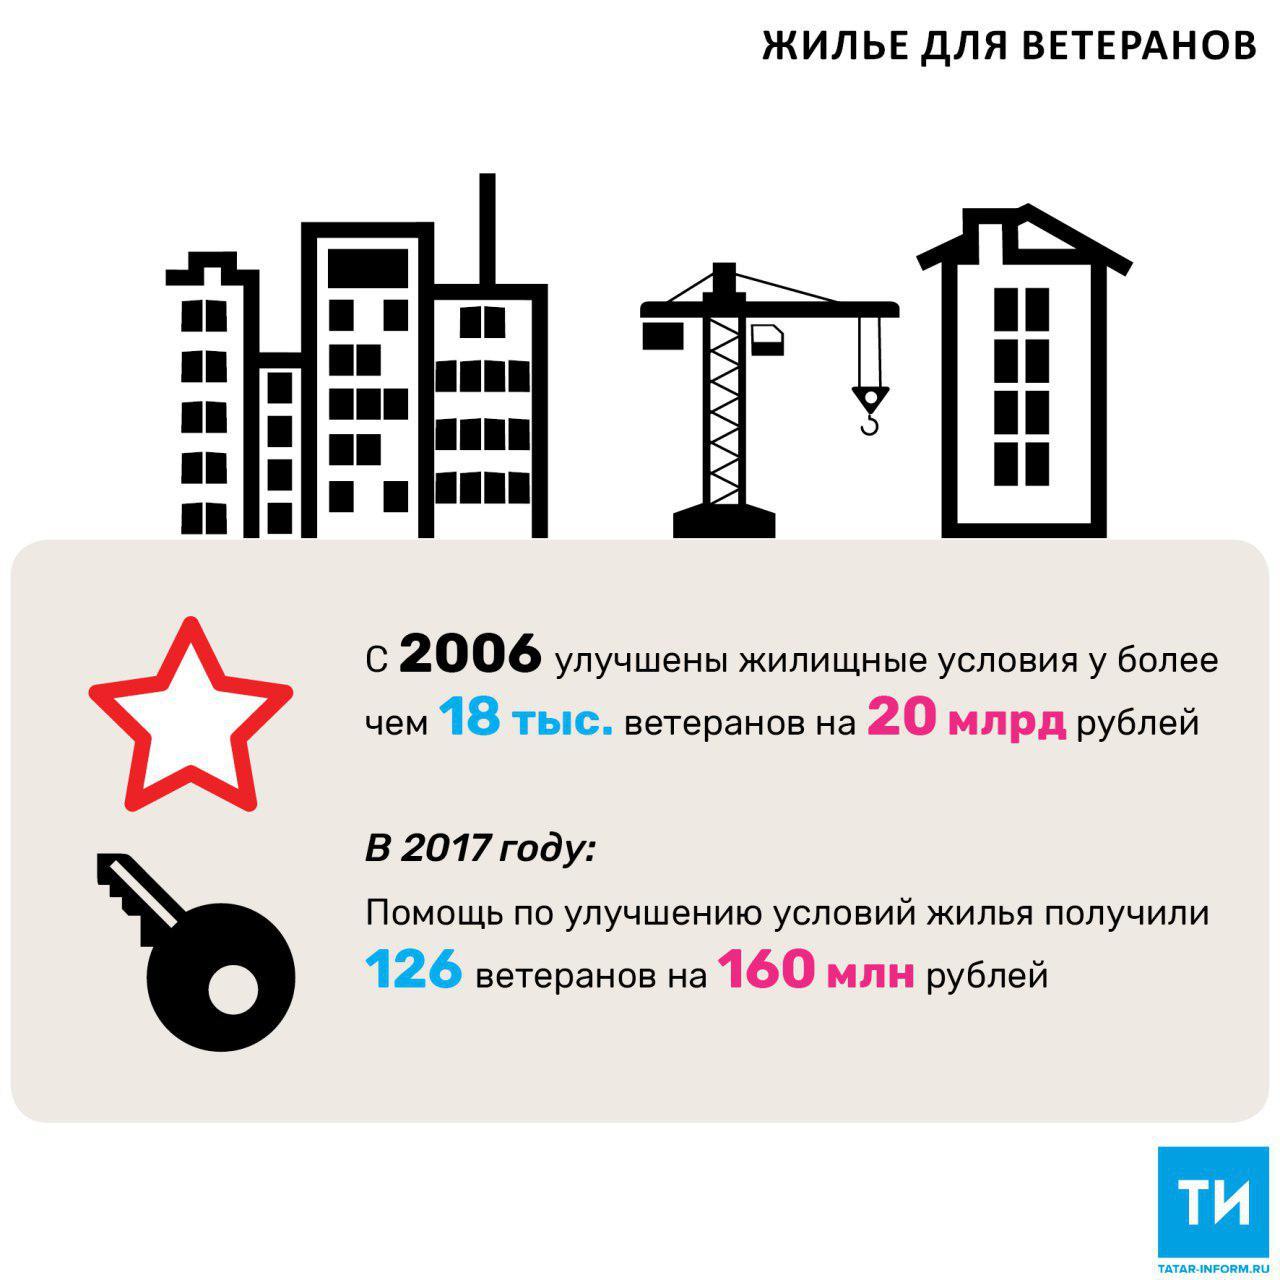 Втекущем году вТатарстане получат жилье 32 ветерана ВОВ